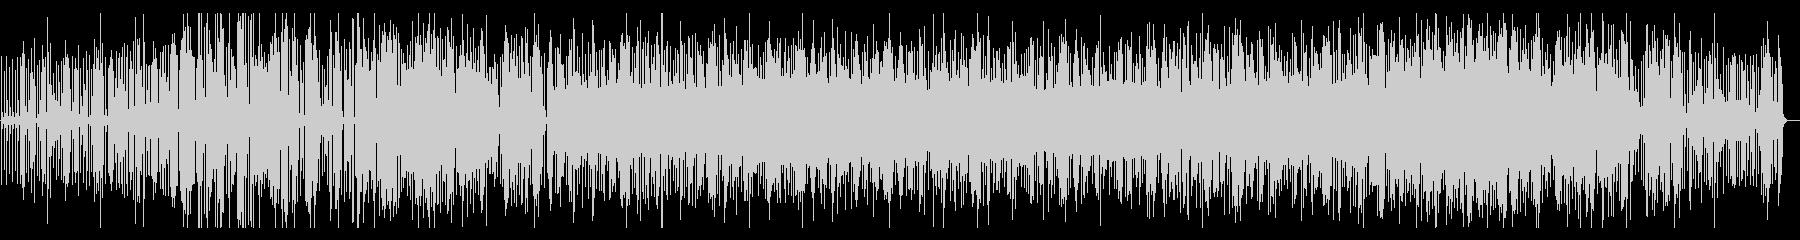 ミドルテンポのエレキギターメイン楽曲ですの未再生の波形